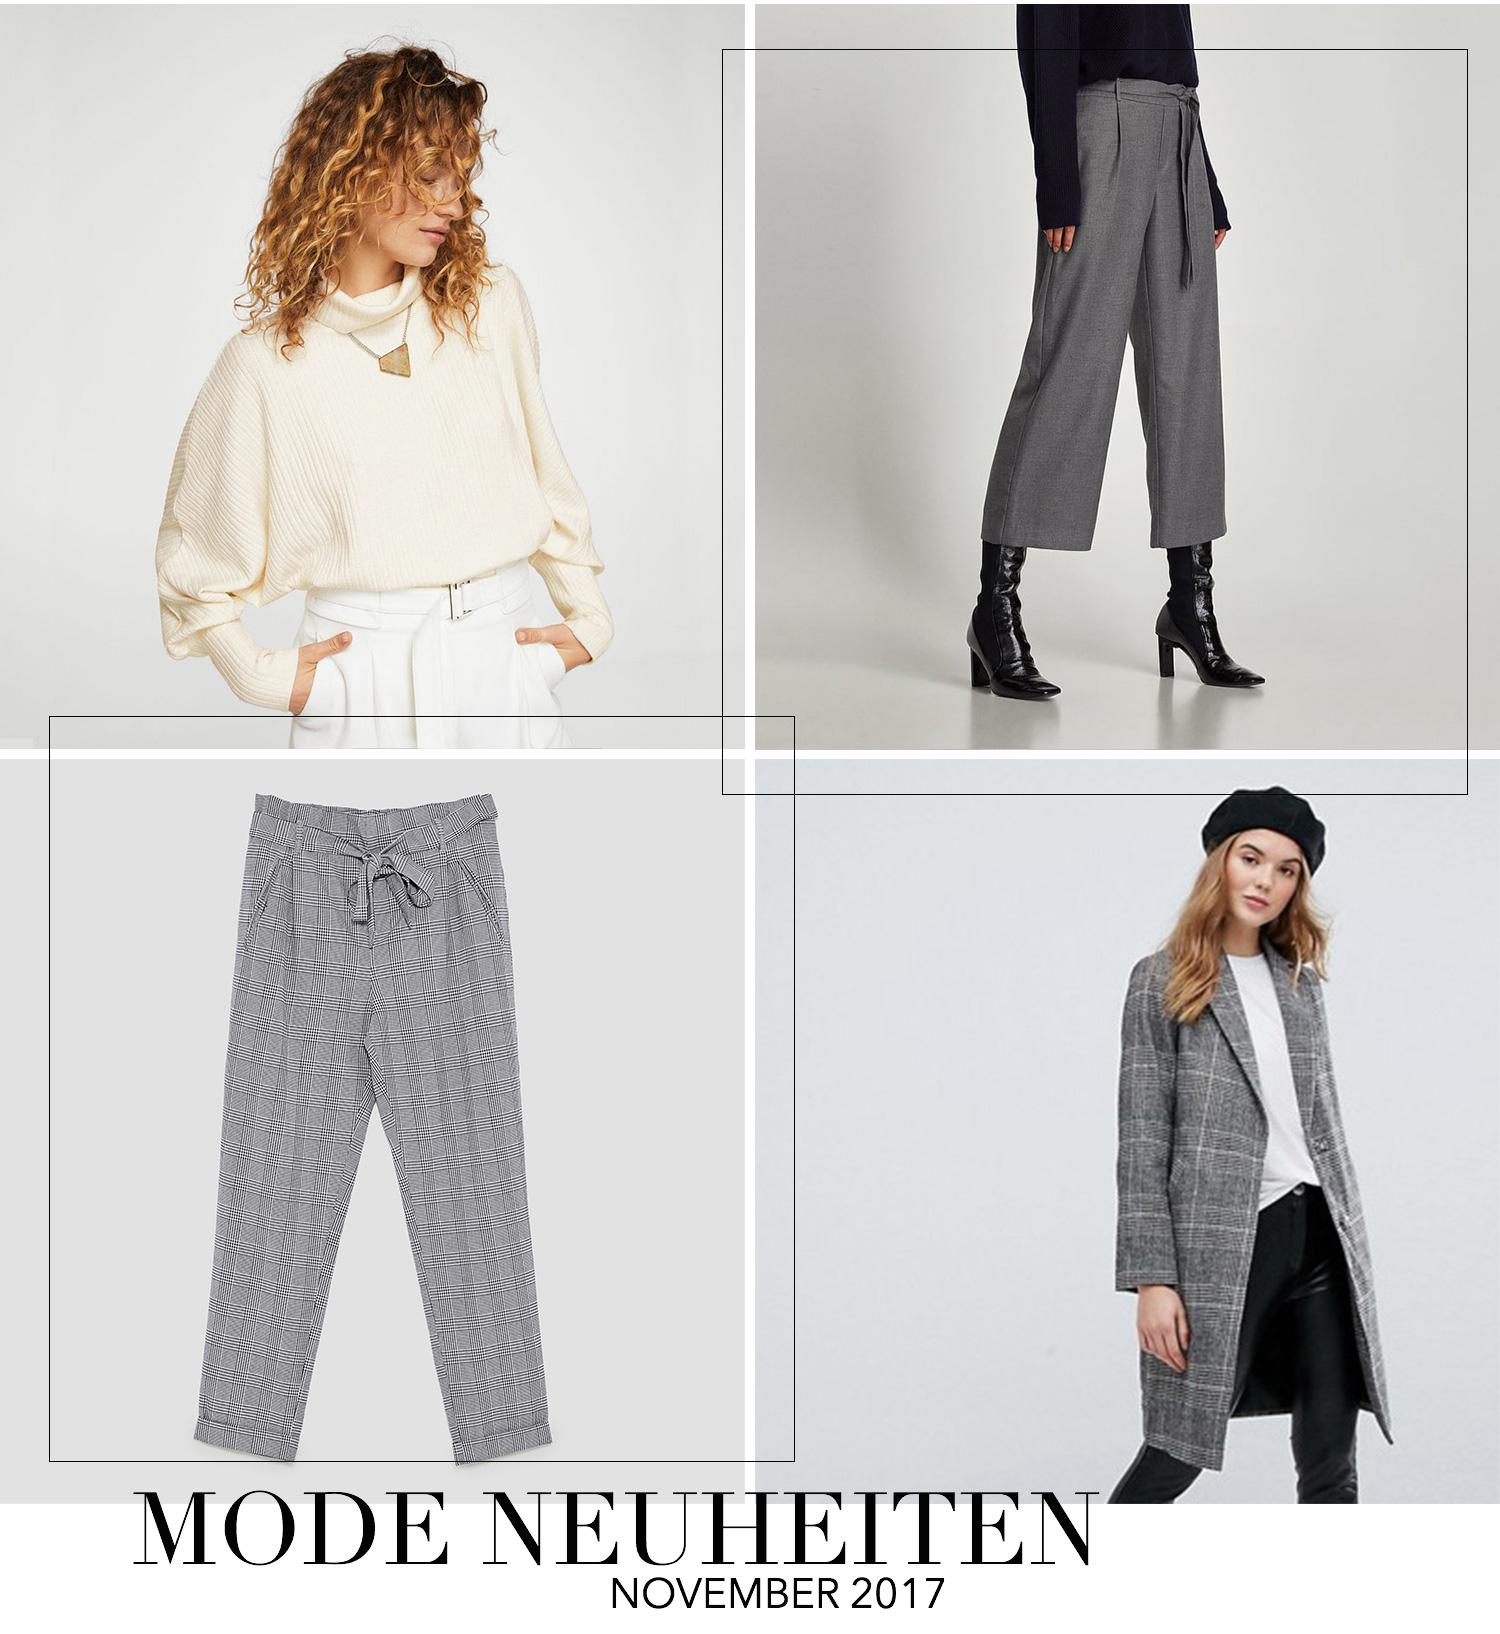 November Favoriten 2017, Monatsrückblick, Mode Neuheiten, Karierter Mantel New Look, Karo Hose Zara, graue Culotte Zara, bezauberndenana.de